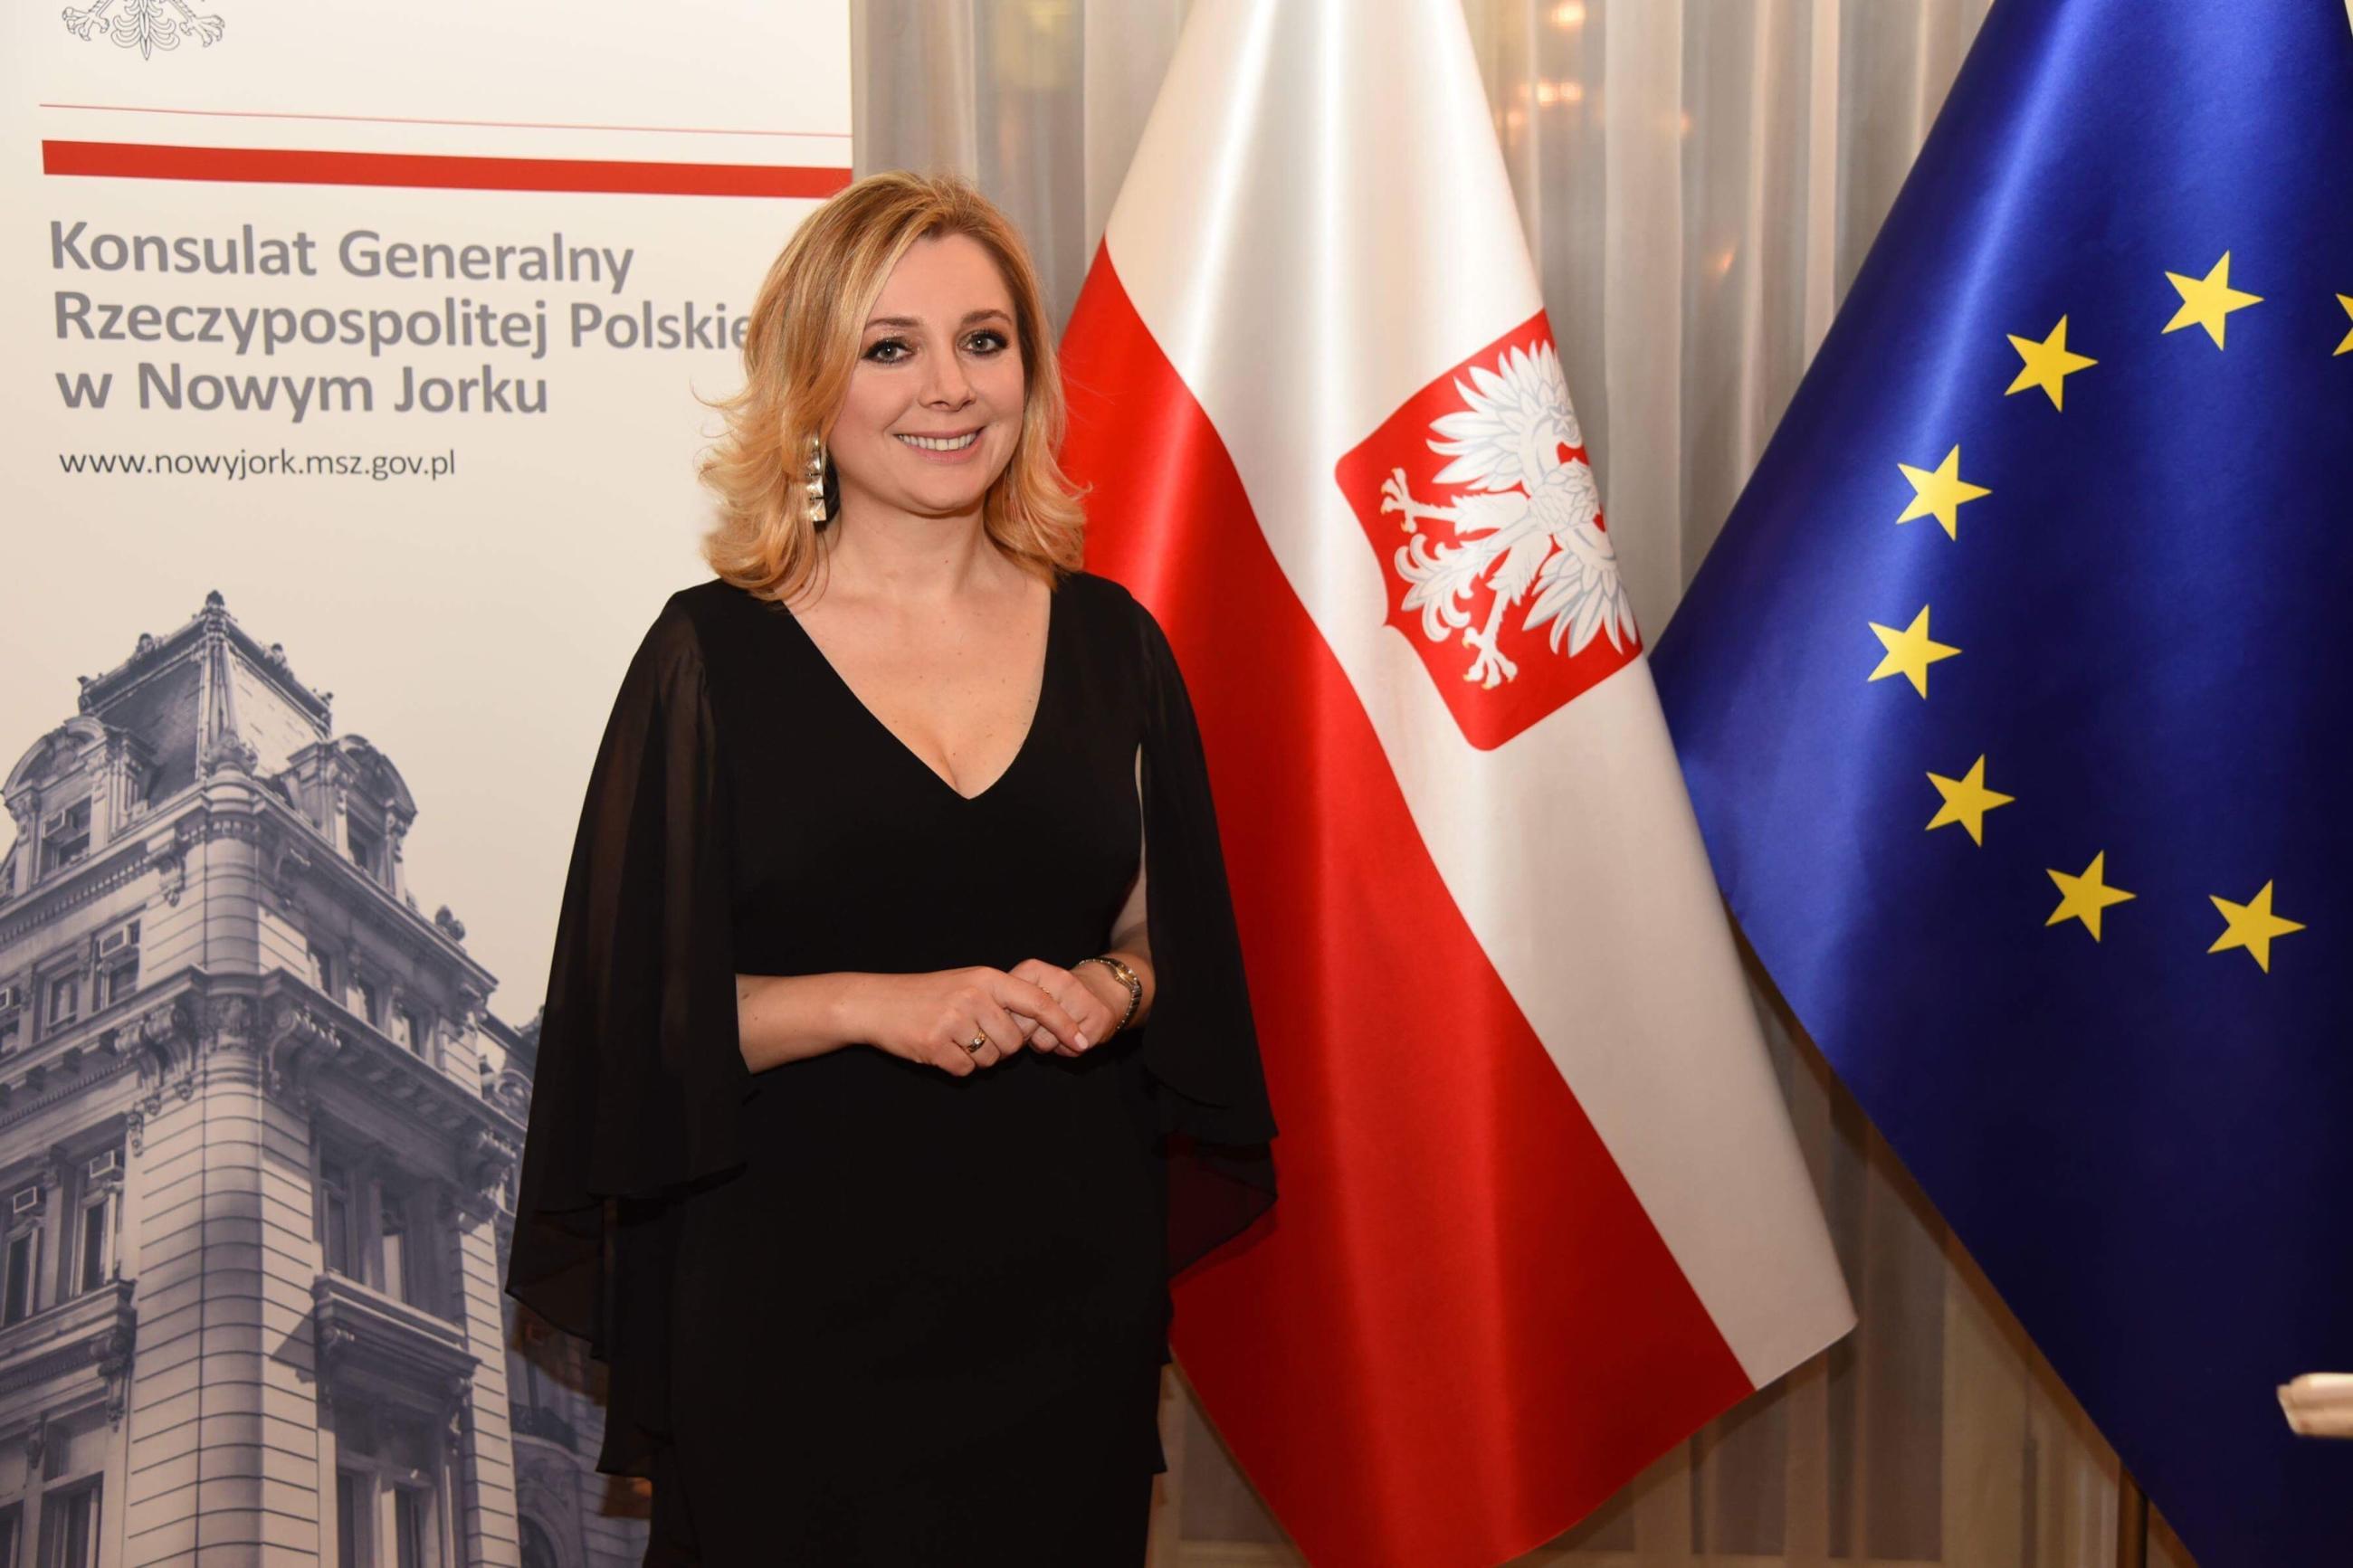 Sabina Klimek